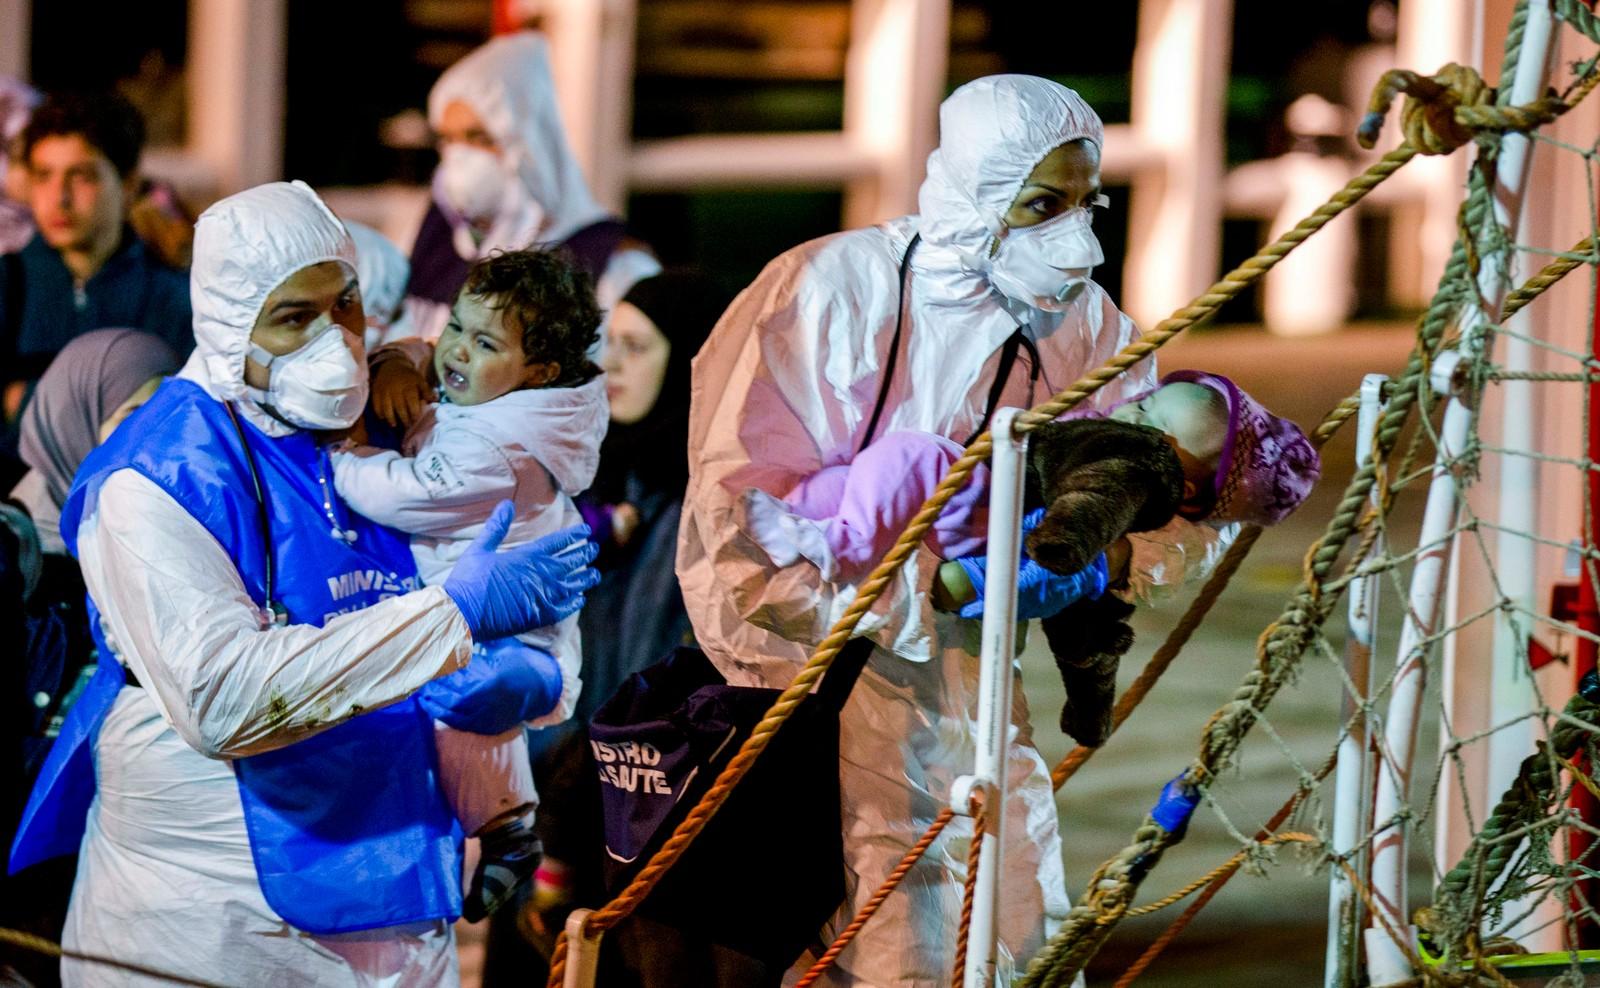 Båtflyktninger reddes i land i Pozzallo i Italia 20. april 2015. Rundt 100 mennesker ble reddet av et handelsskip på lørdag utenfor den libyske kysten.